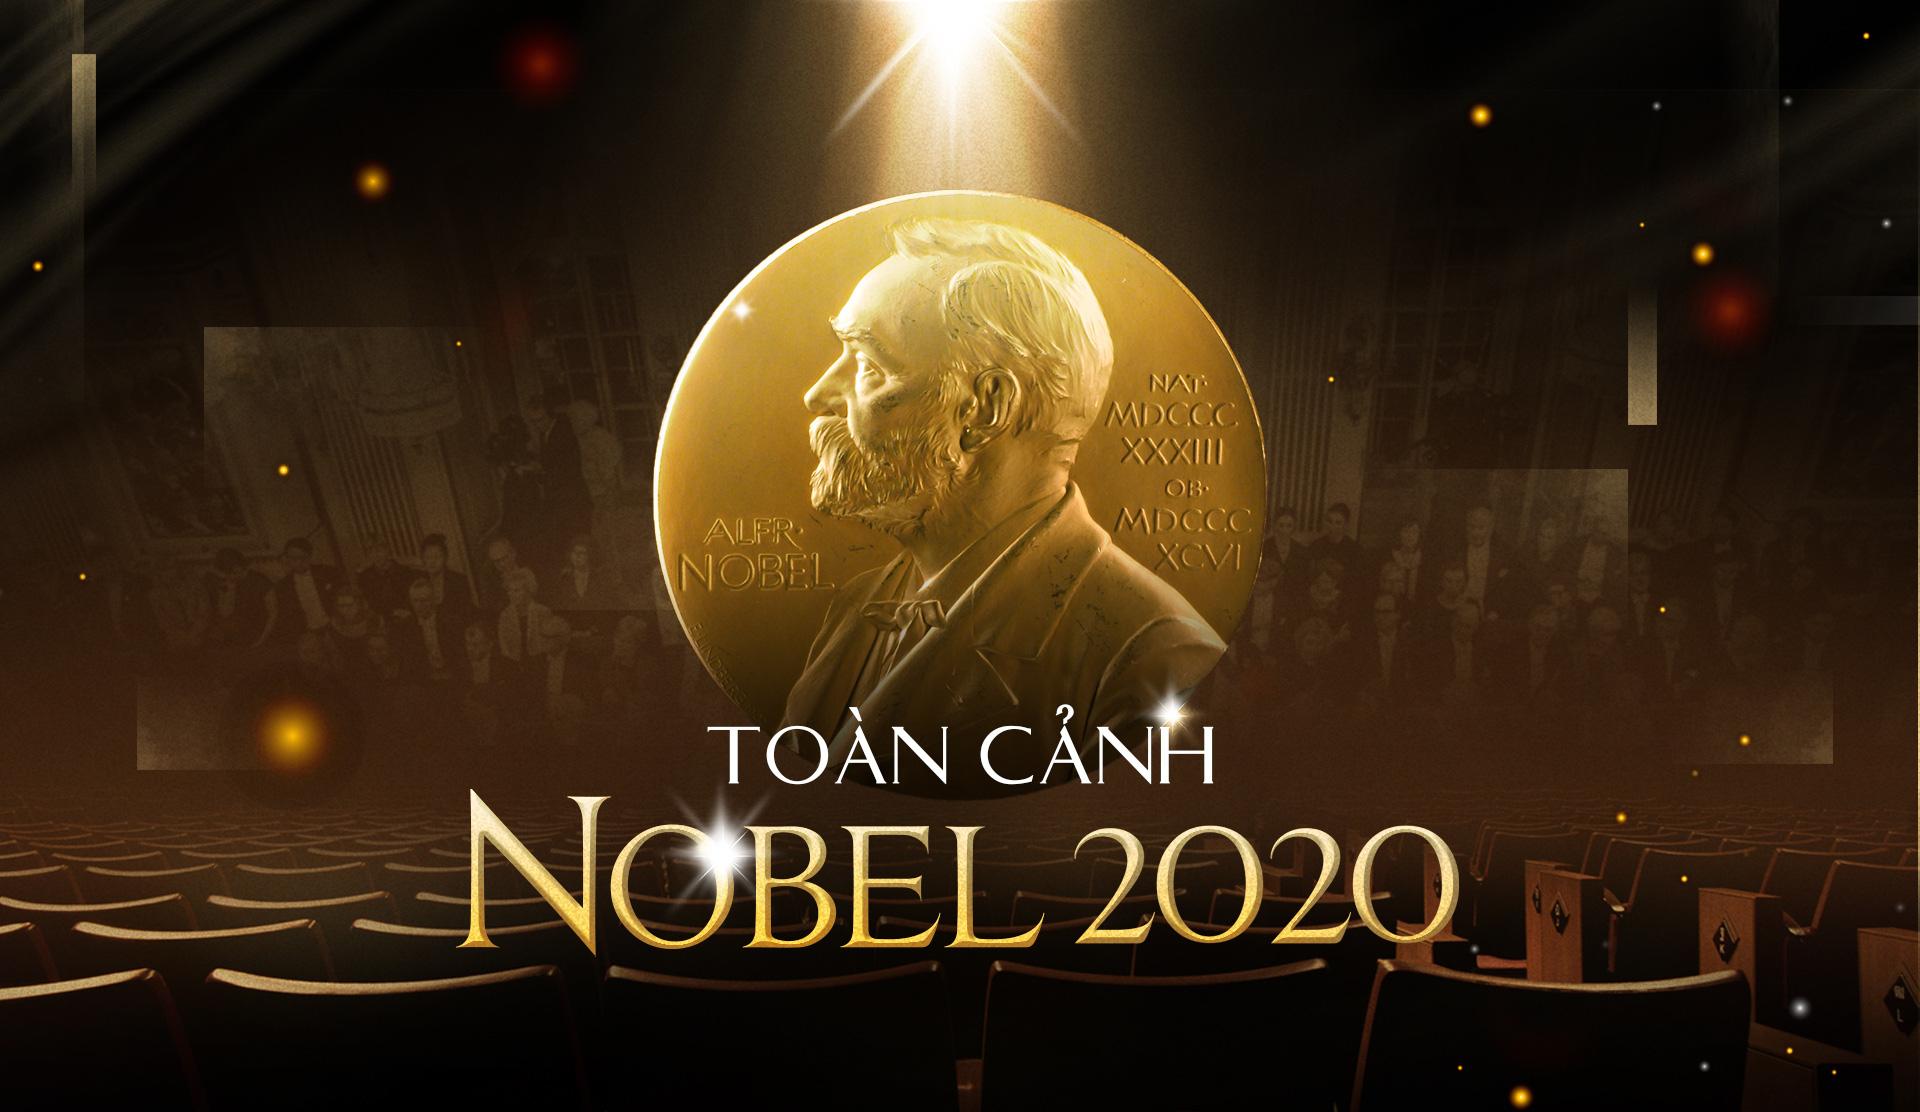 Toàn cảnh Nobel 2020